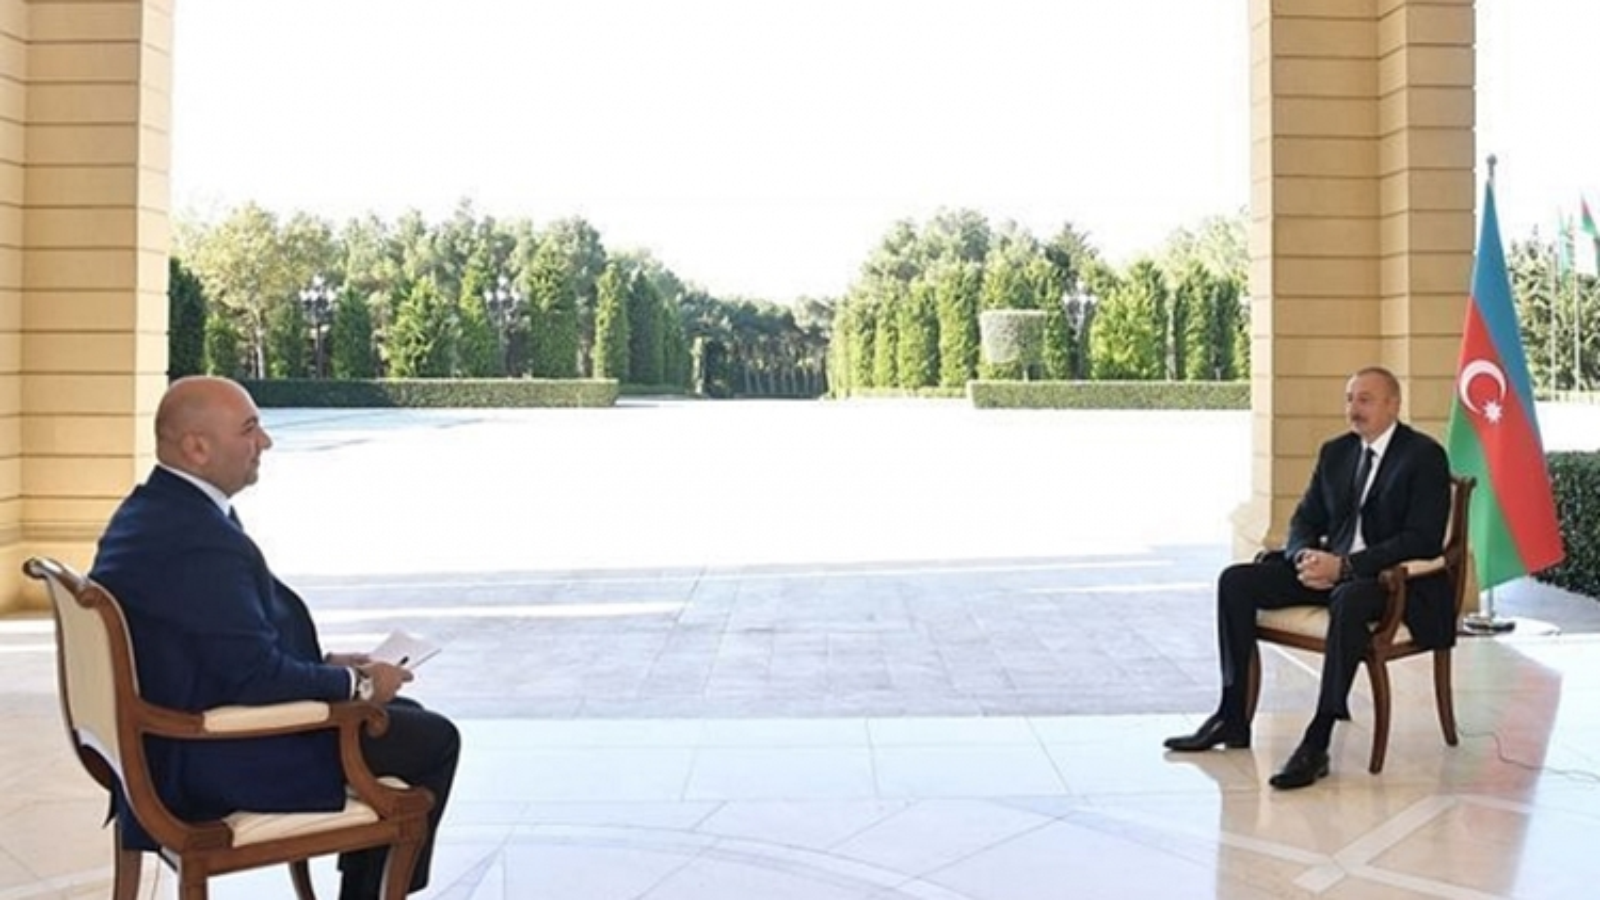 """Tổng thống Azerbaijan hứa hẹn """"cuộc sống tốt hơn"""" cho dân Armenia ở Nagorno-Karabakh"""